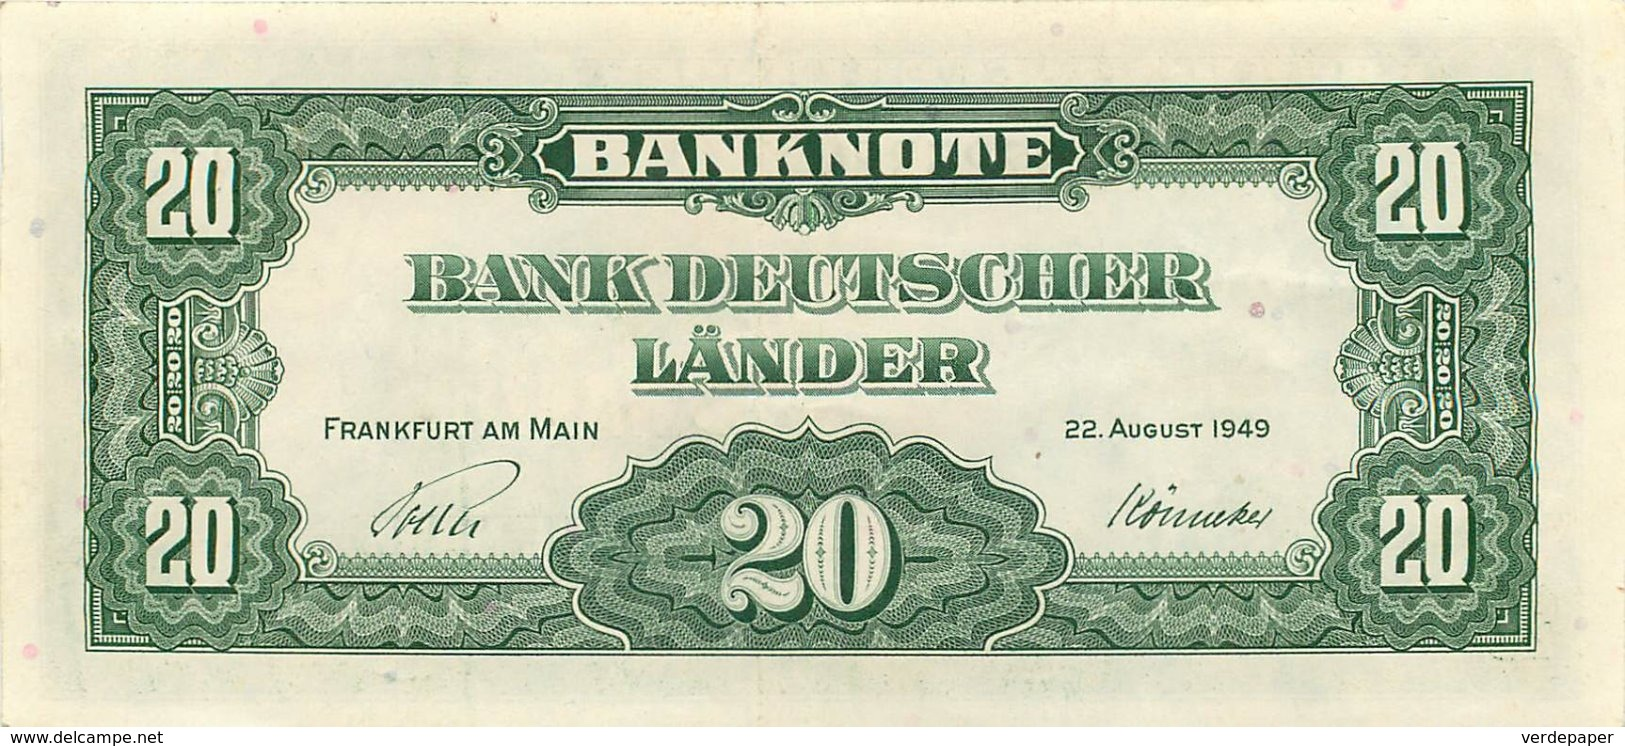 BANK DEUTSCHER LÄNDER , 20 Deutsche Mark , Zwanzig , Serie 1949 , Frankfurt Am Main. Near Mint - [ 7] 1949-… : FRG - Fed. Rep. Of Germany